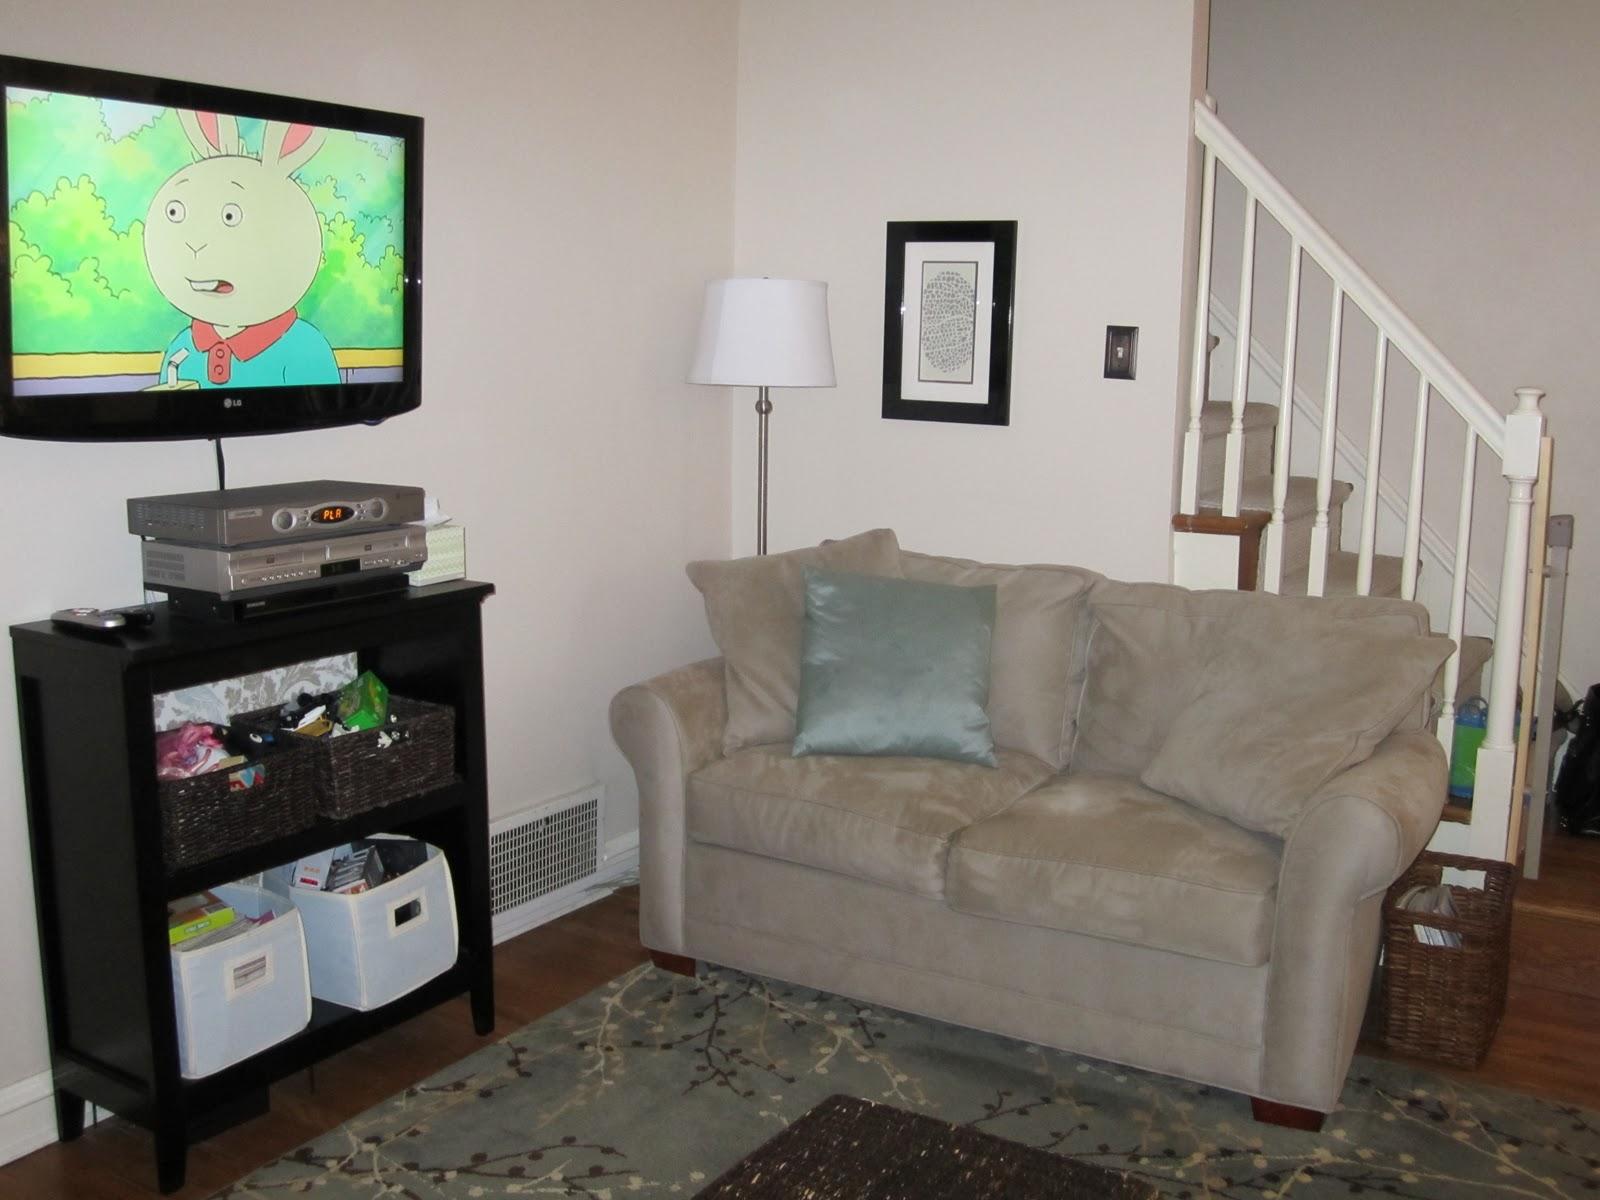 Raymour and flanigan living room sets via 2 bp blogspot com